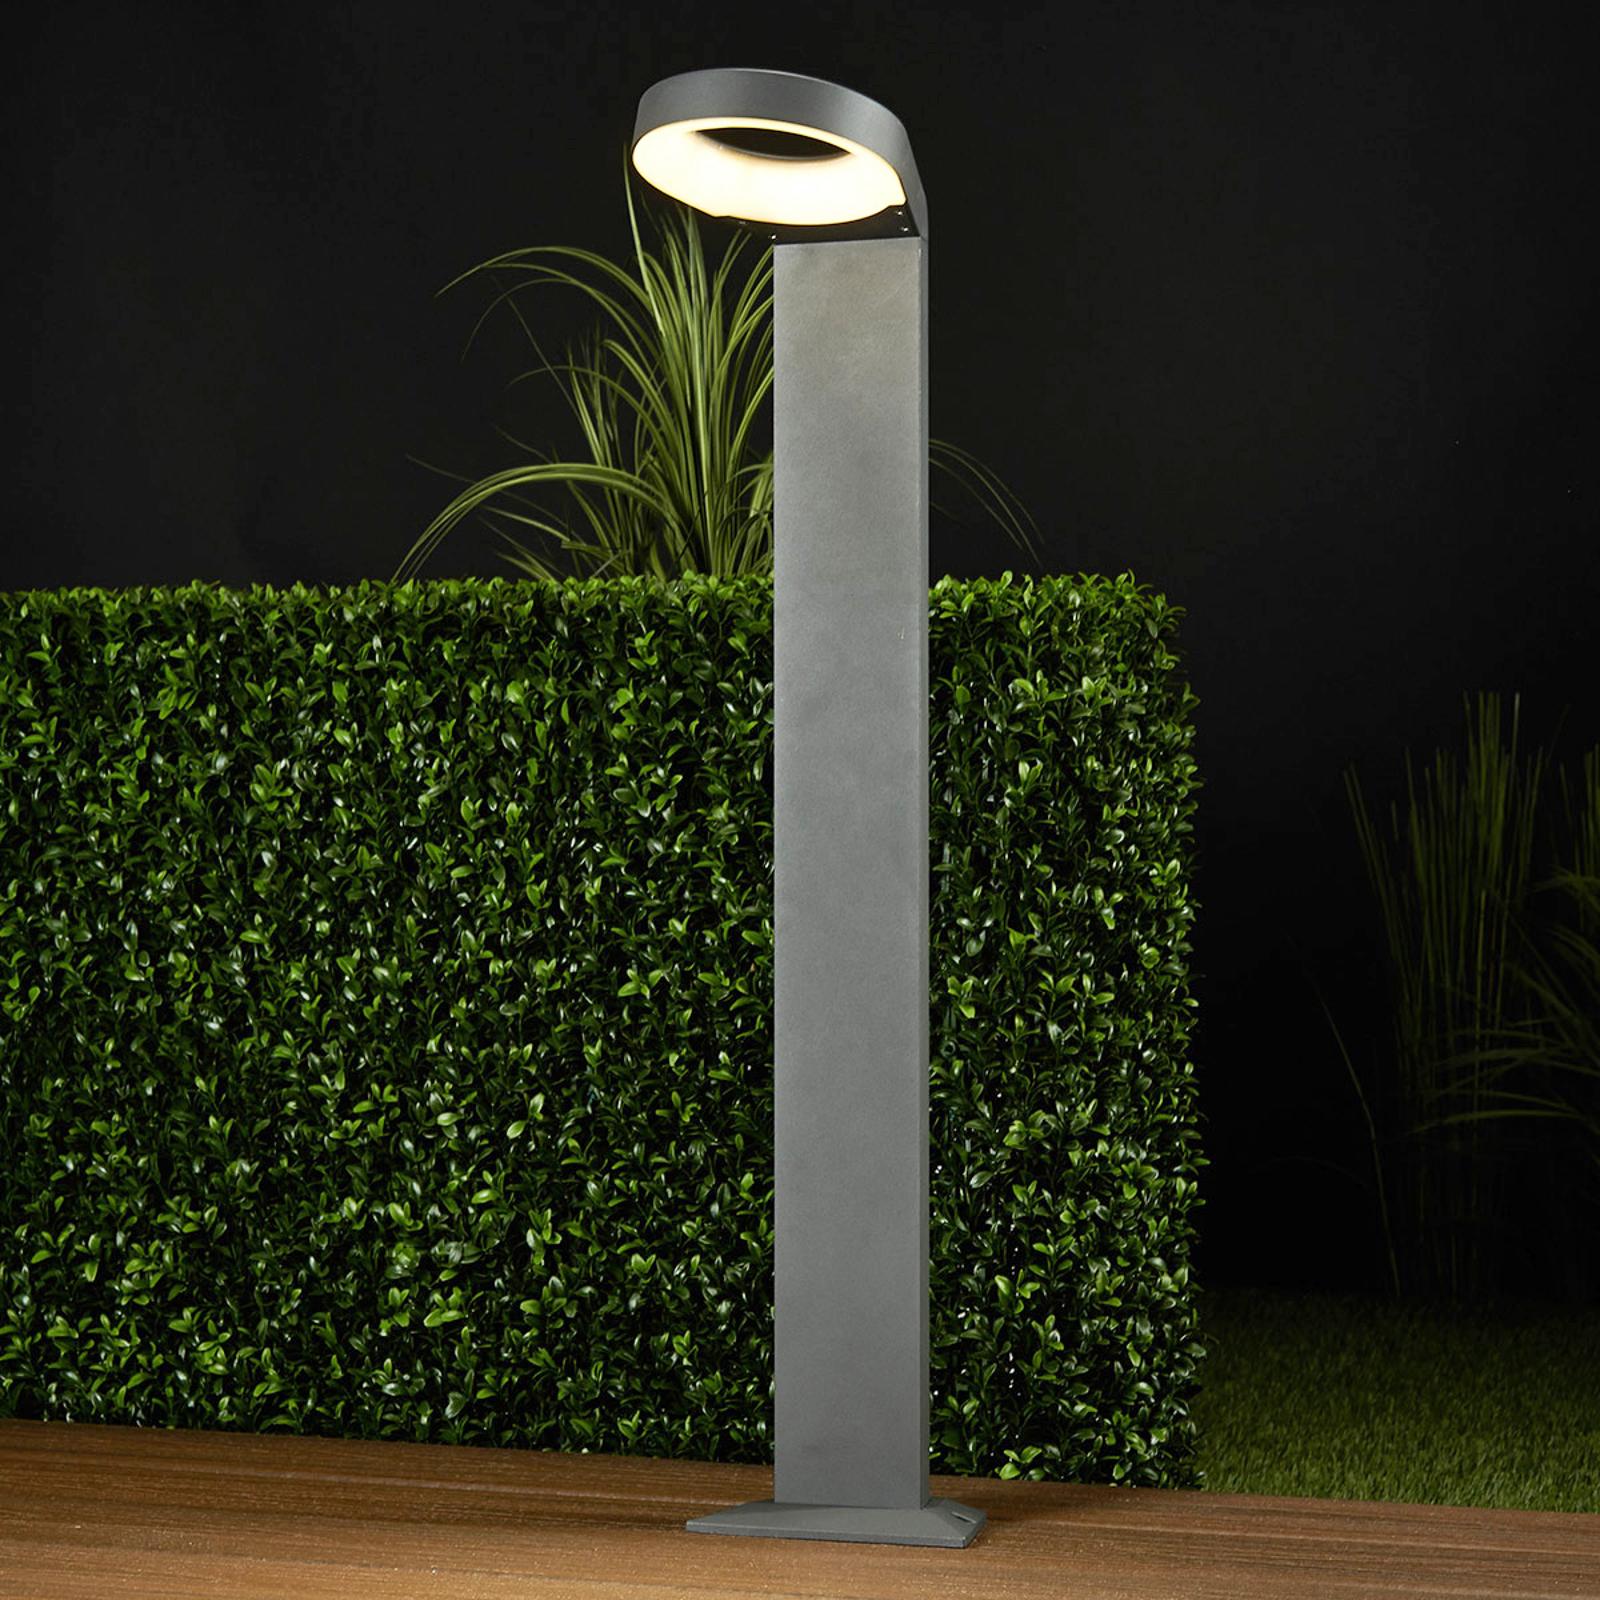 Nowoczesny słupek oświetleniowy LED Jarka